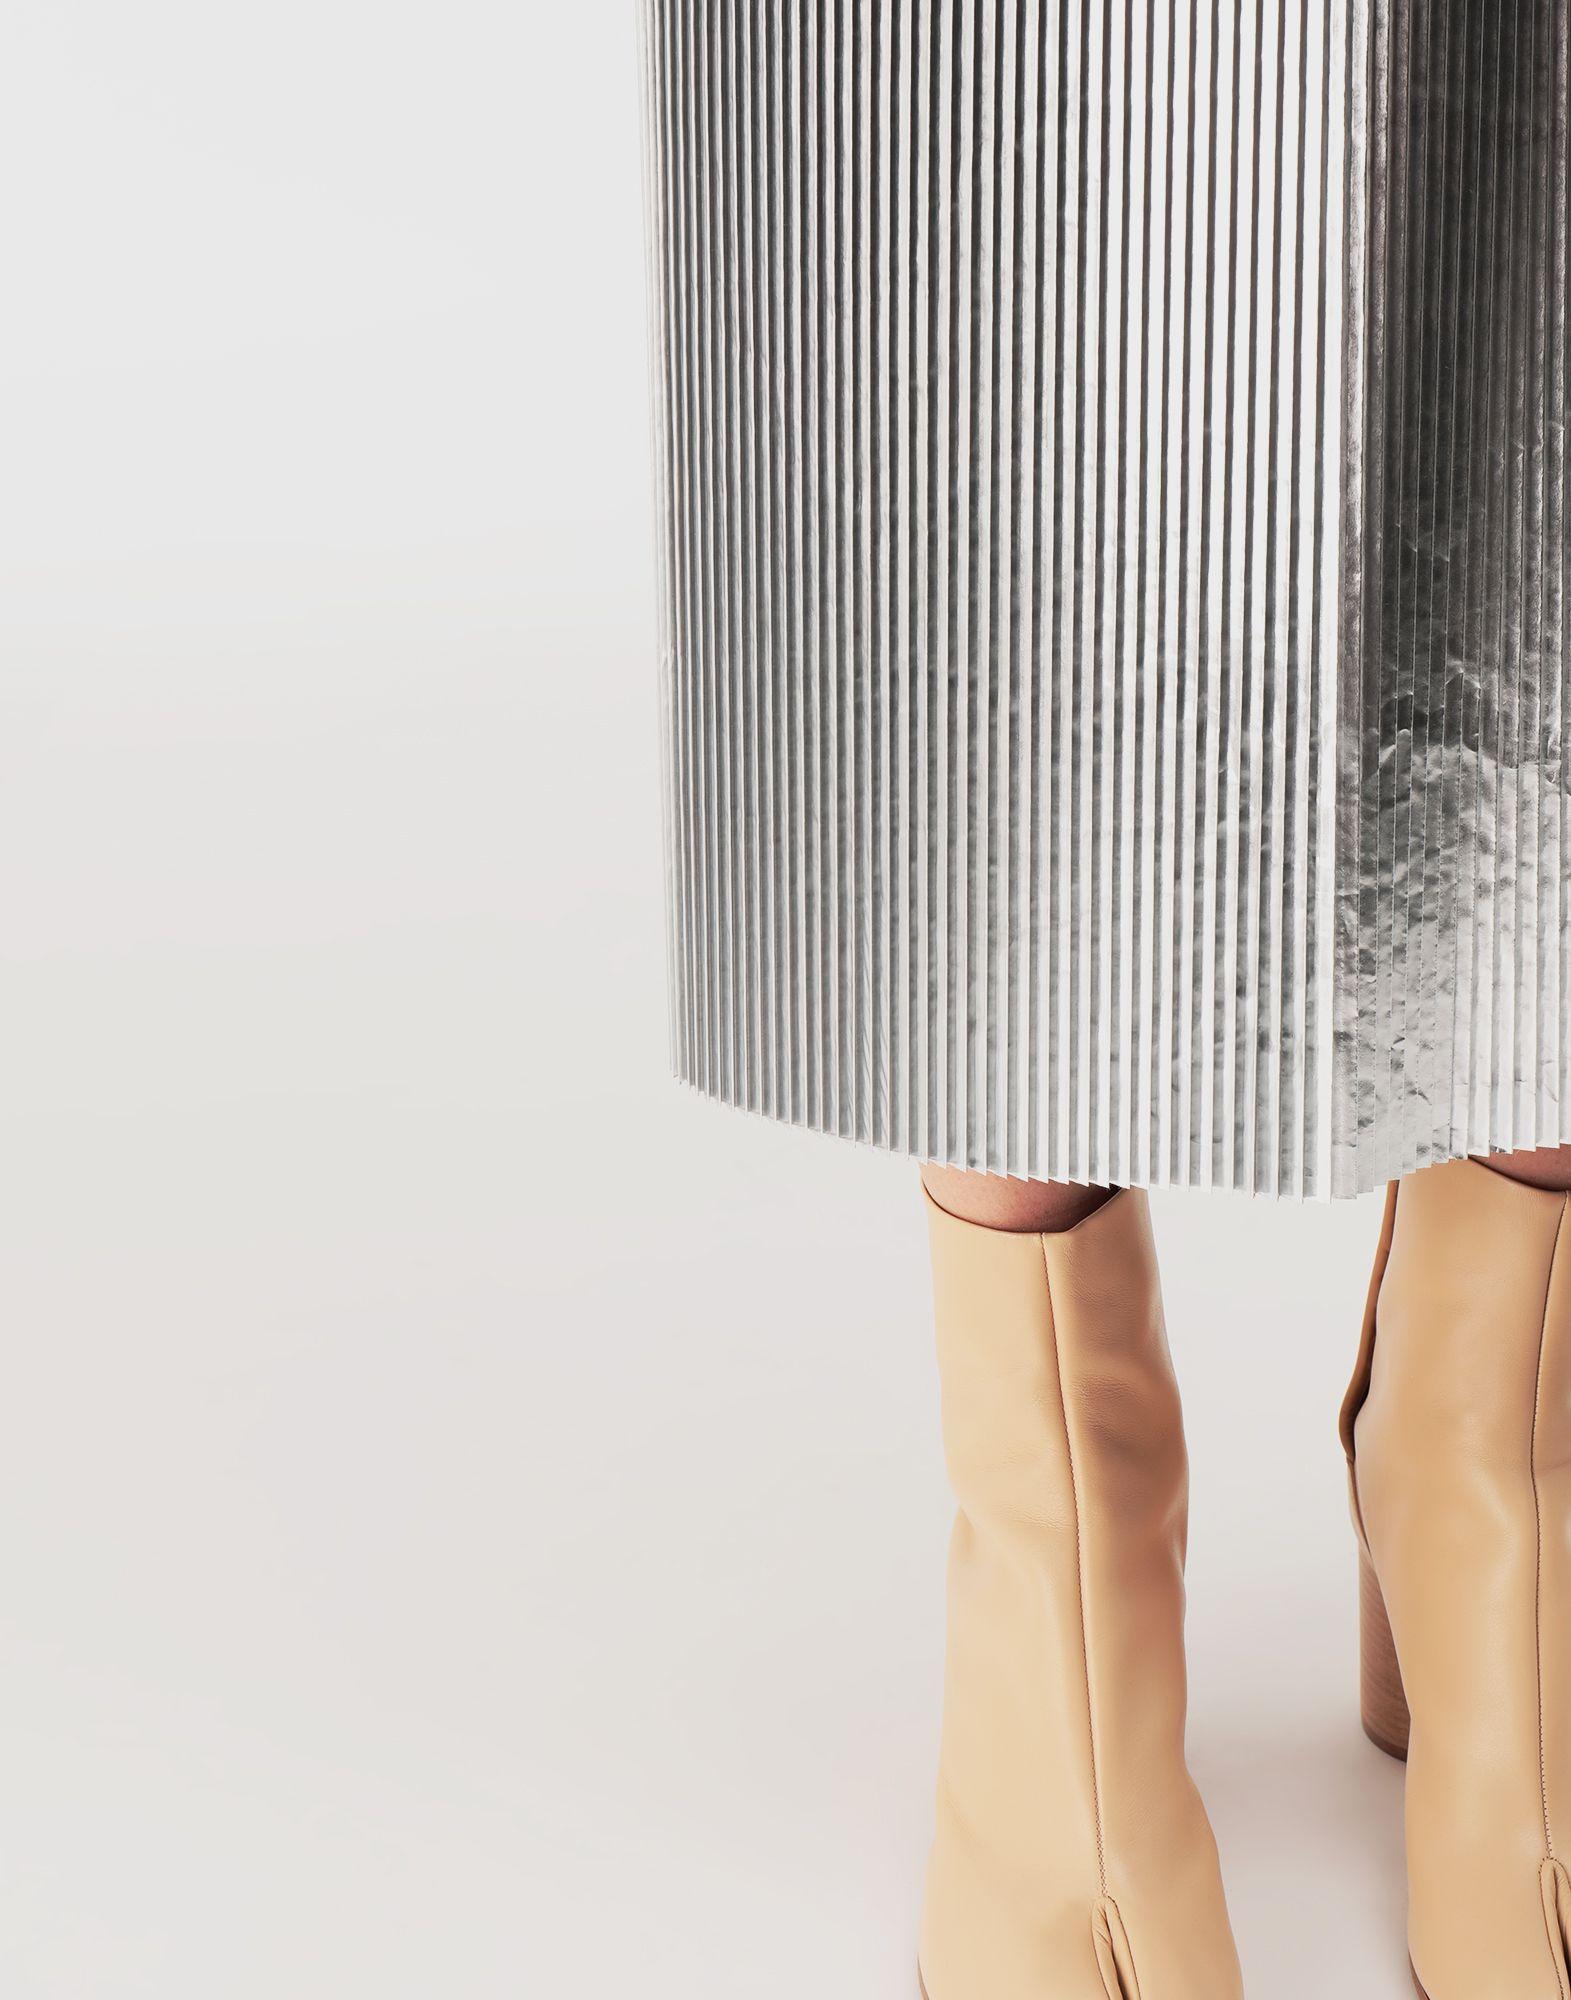 MAISON MARGIELA Silver pleated nylon skirt 3/4 length skirt Woman a